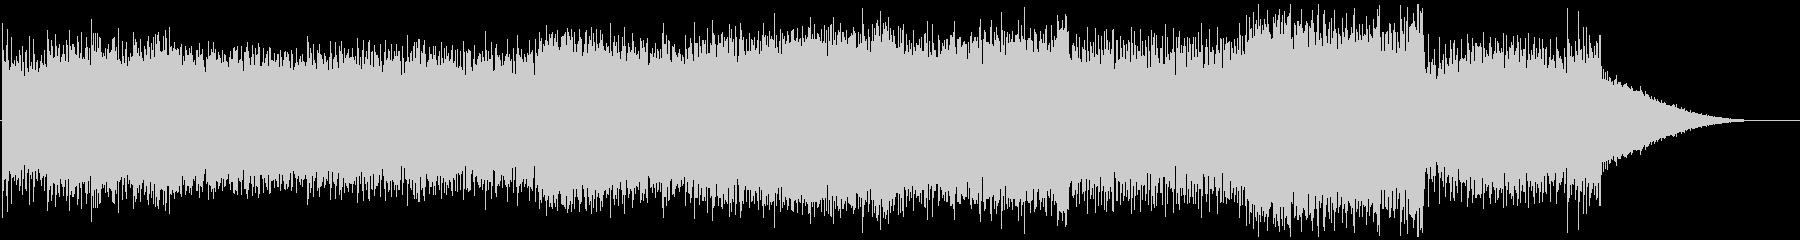 パッフェルベルのカノンDANCEアレンジの未再生の波形